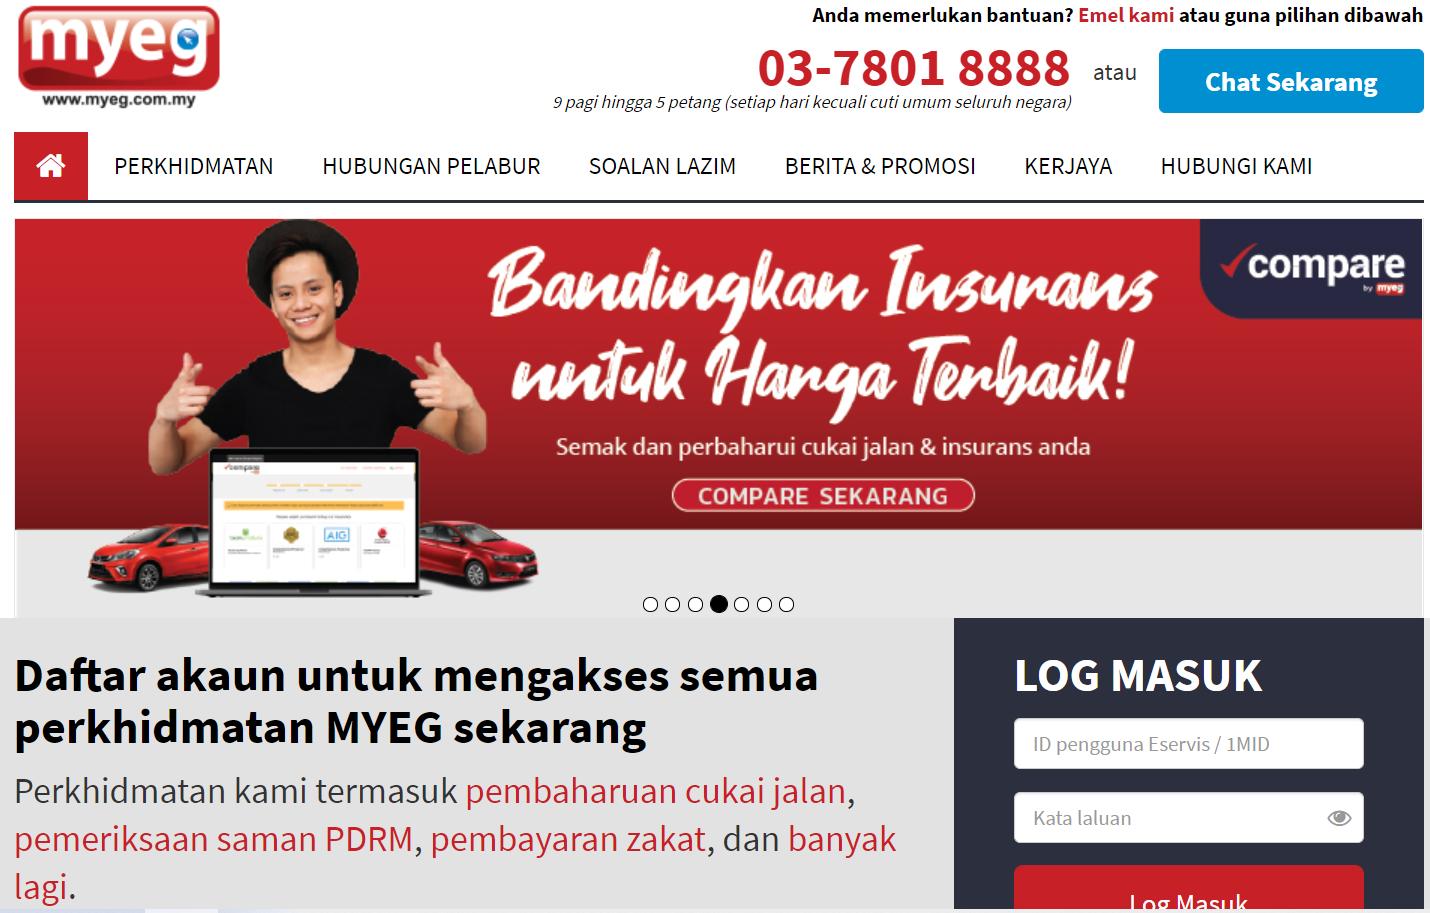 laman web MyEG - portal untuk semak saman, perbaharui cukai jalan